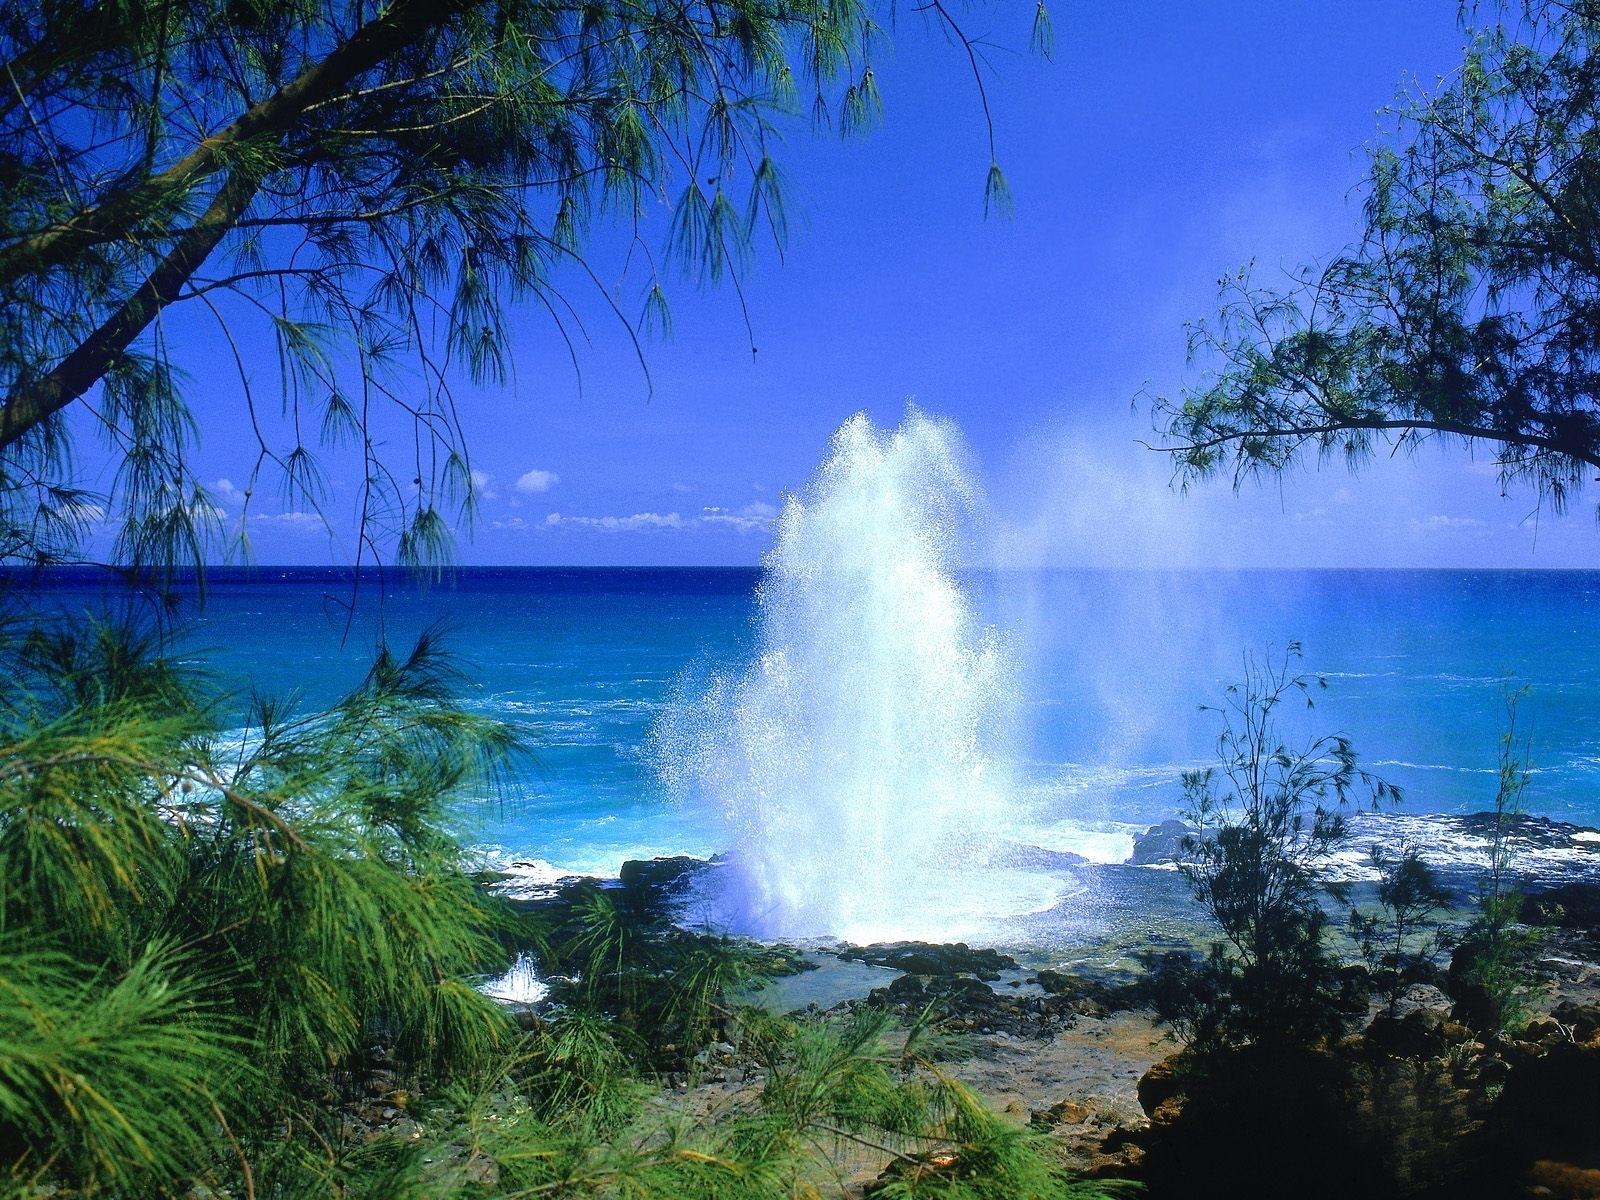 4259 скачать обои Пейзаж, Вода, Деревья, Море - заставки и картинки бесплатно